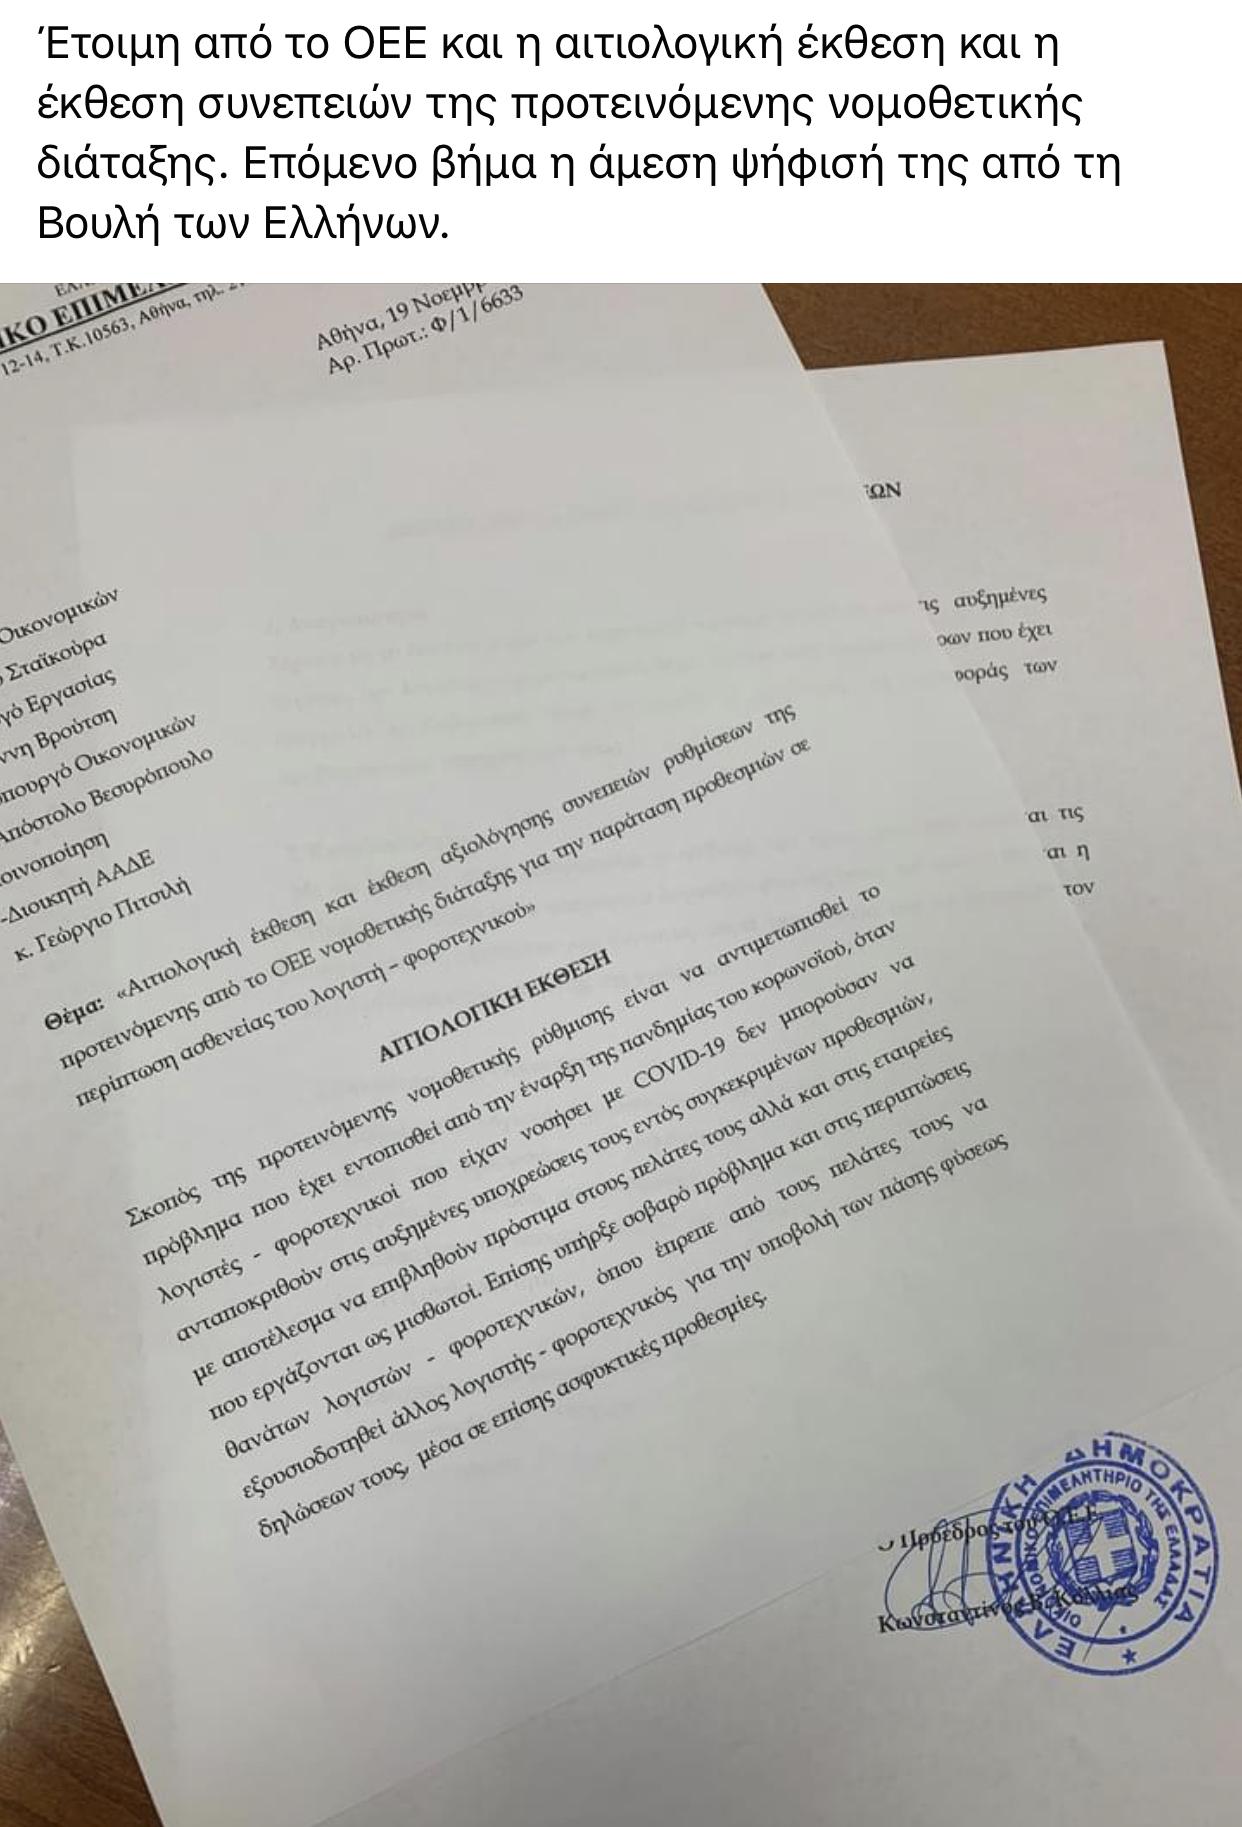 Έτοιμη από το ΟΕΕ και η αιτιολογική έκθεση και η έκθεση συνεπειών της προτεινόμενης νομοθετικής διάταξης. Επόμενο βήμα η άμεση ψήφισή της από τη Βουλή των Ελλήνων.